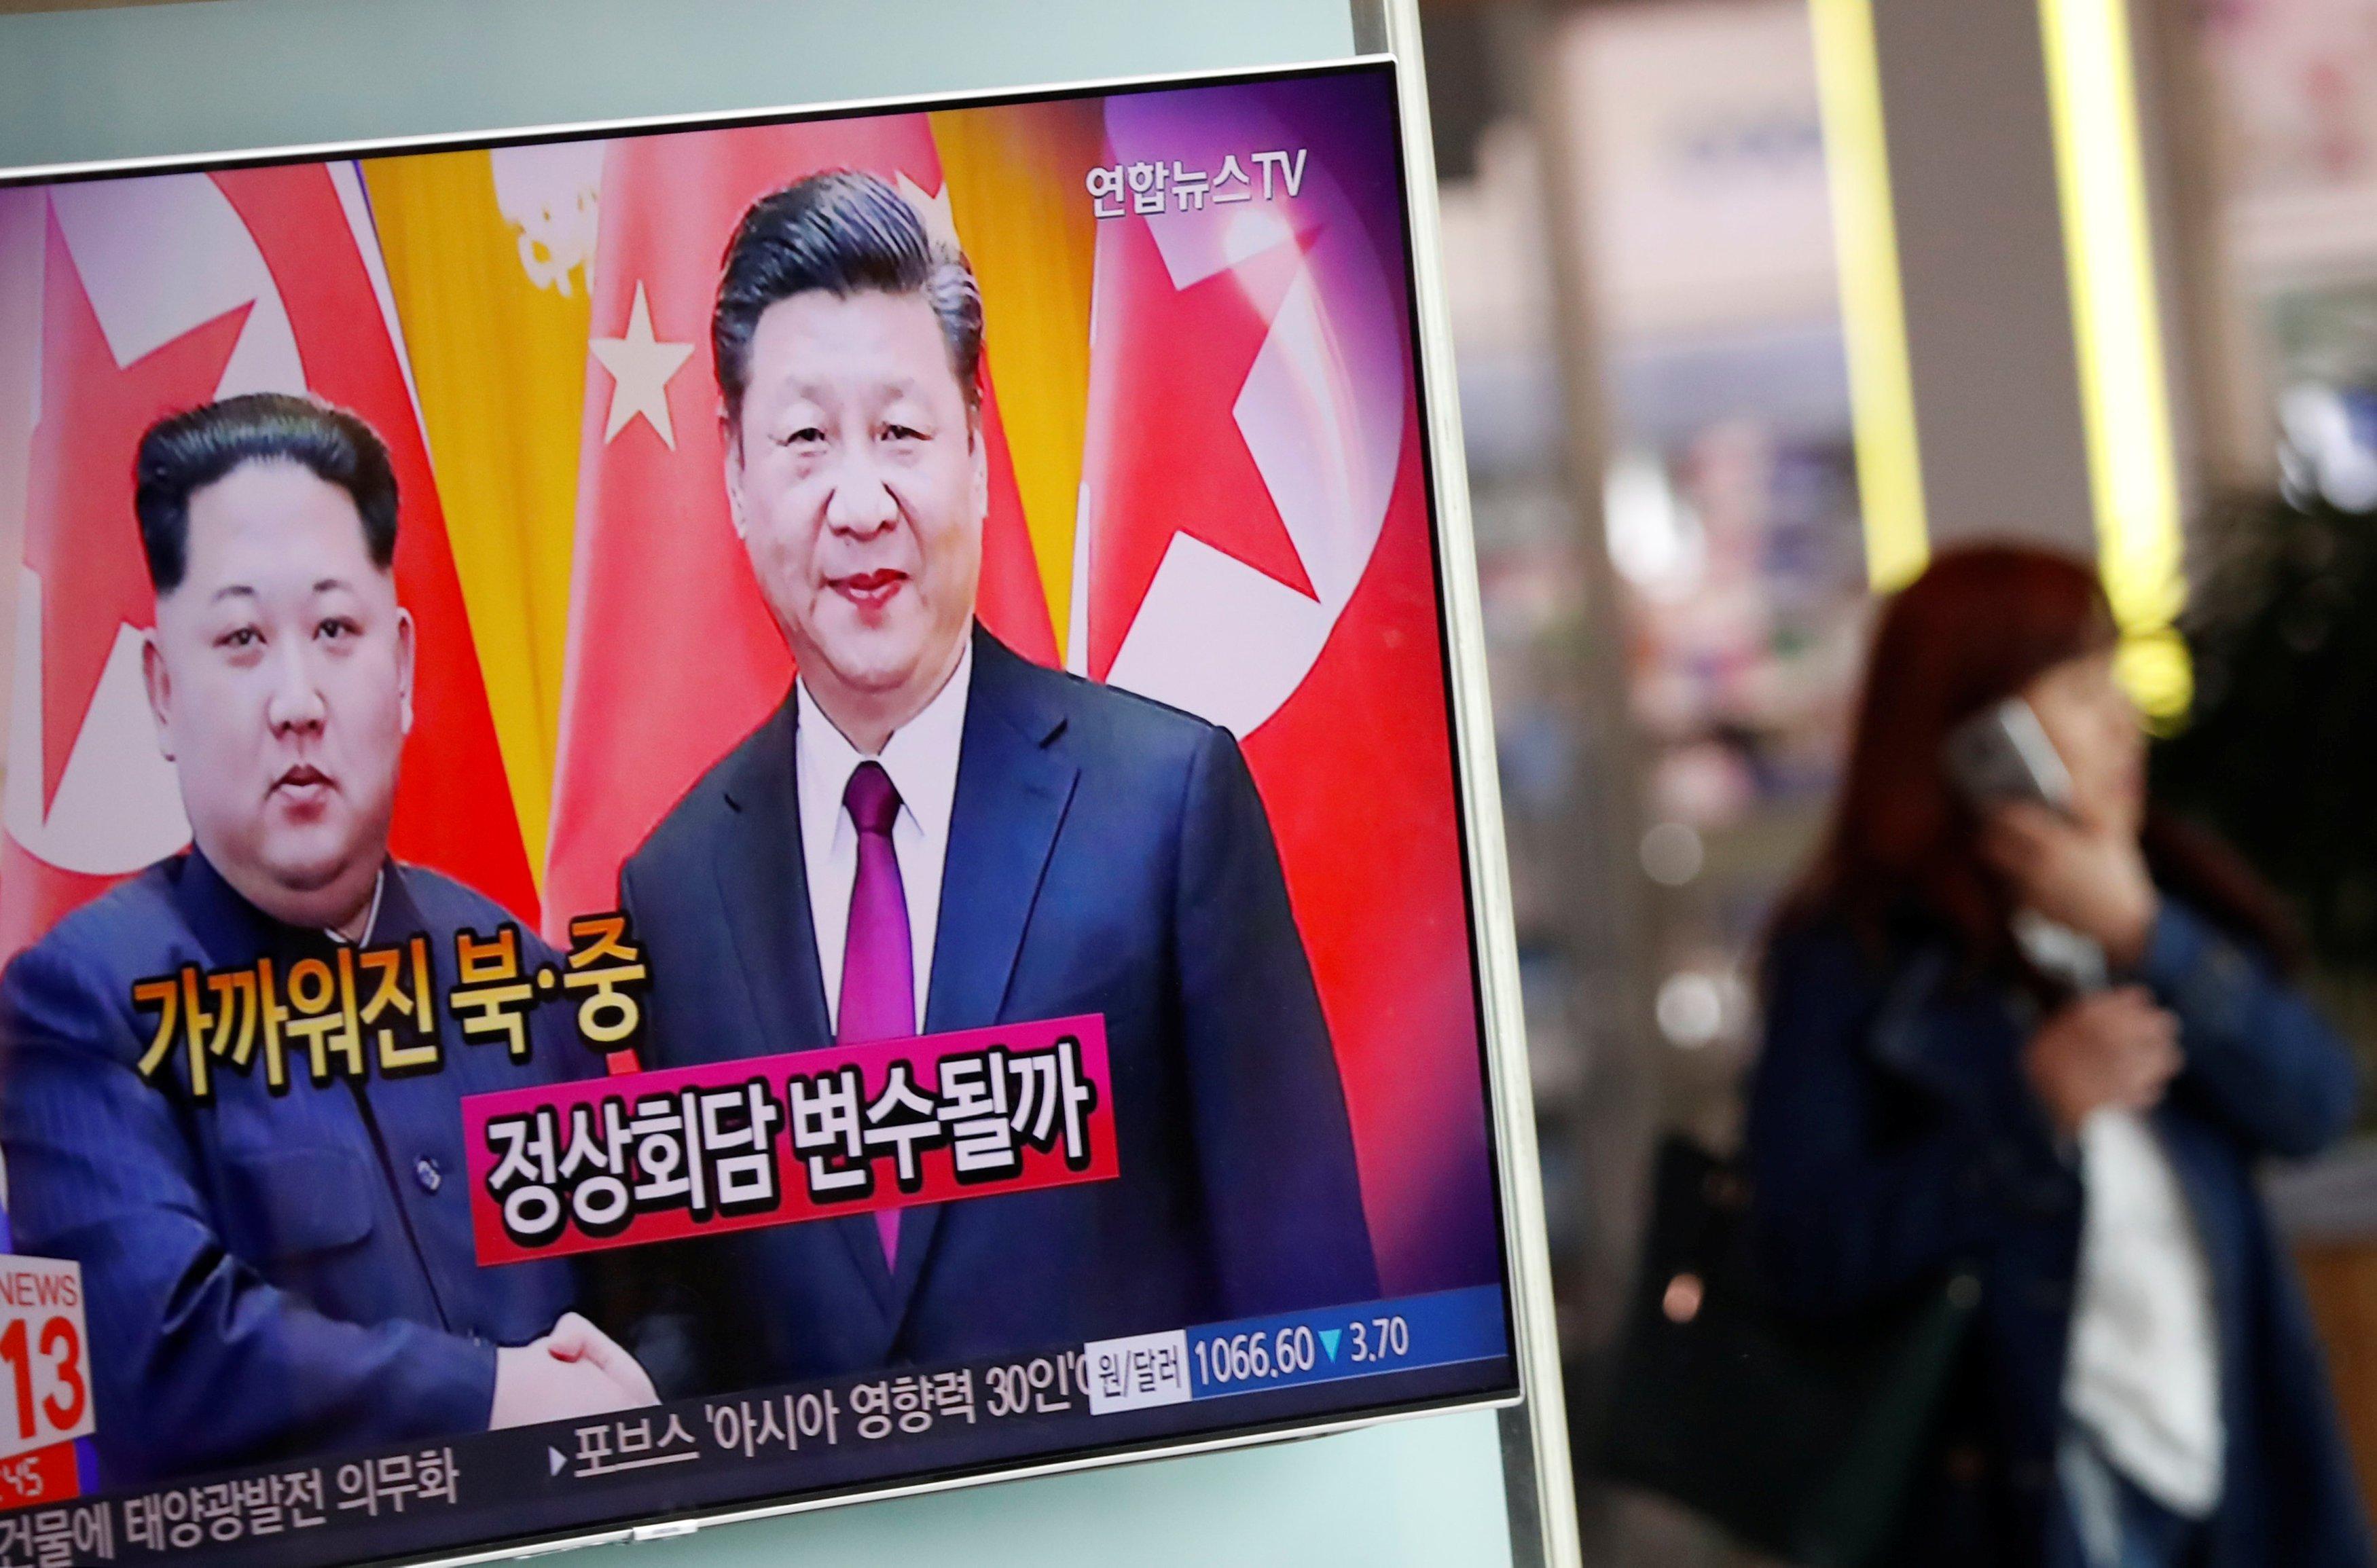 Ким Чен Ын во время встречи с Си Цзиньпином говорил о денуклеаризации Корейского полуострова